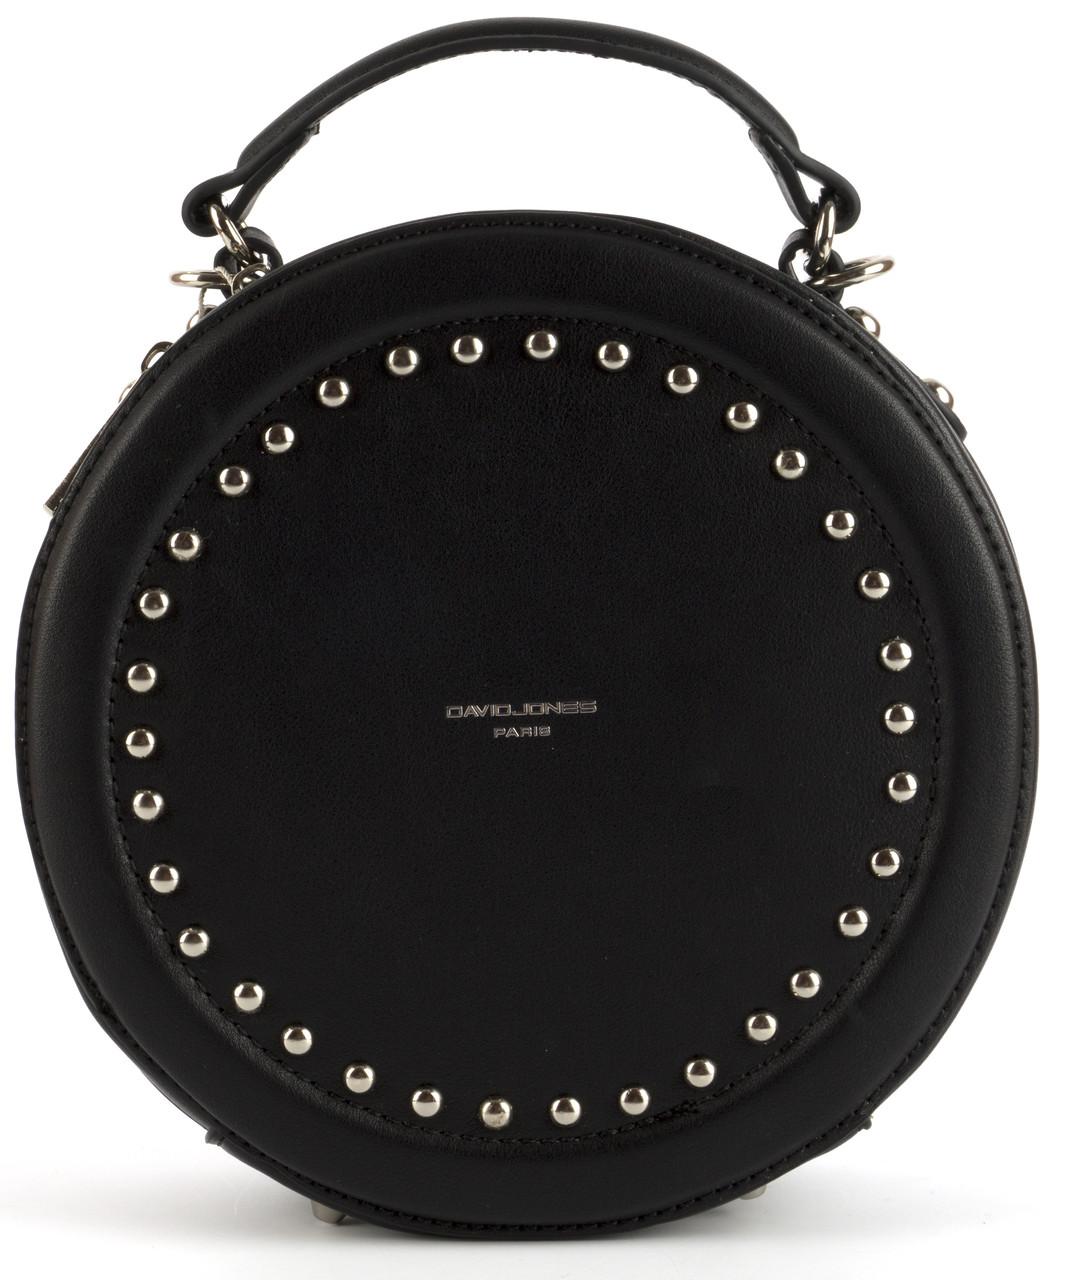 Стильная небольшая качественная круглая сумочка на плечо David Jones art. CM3585